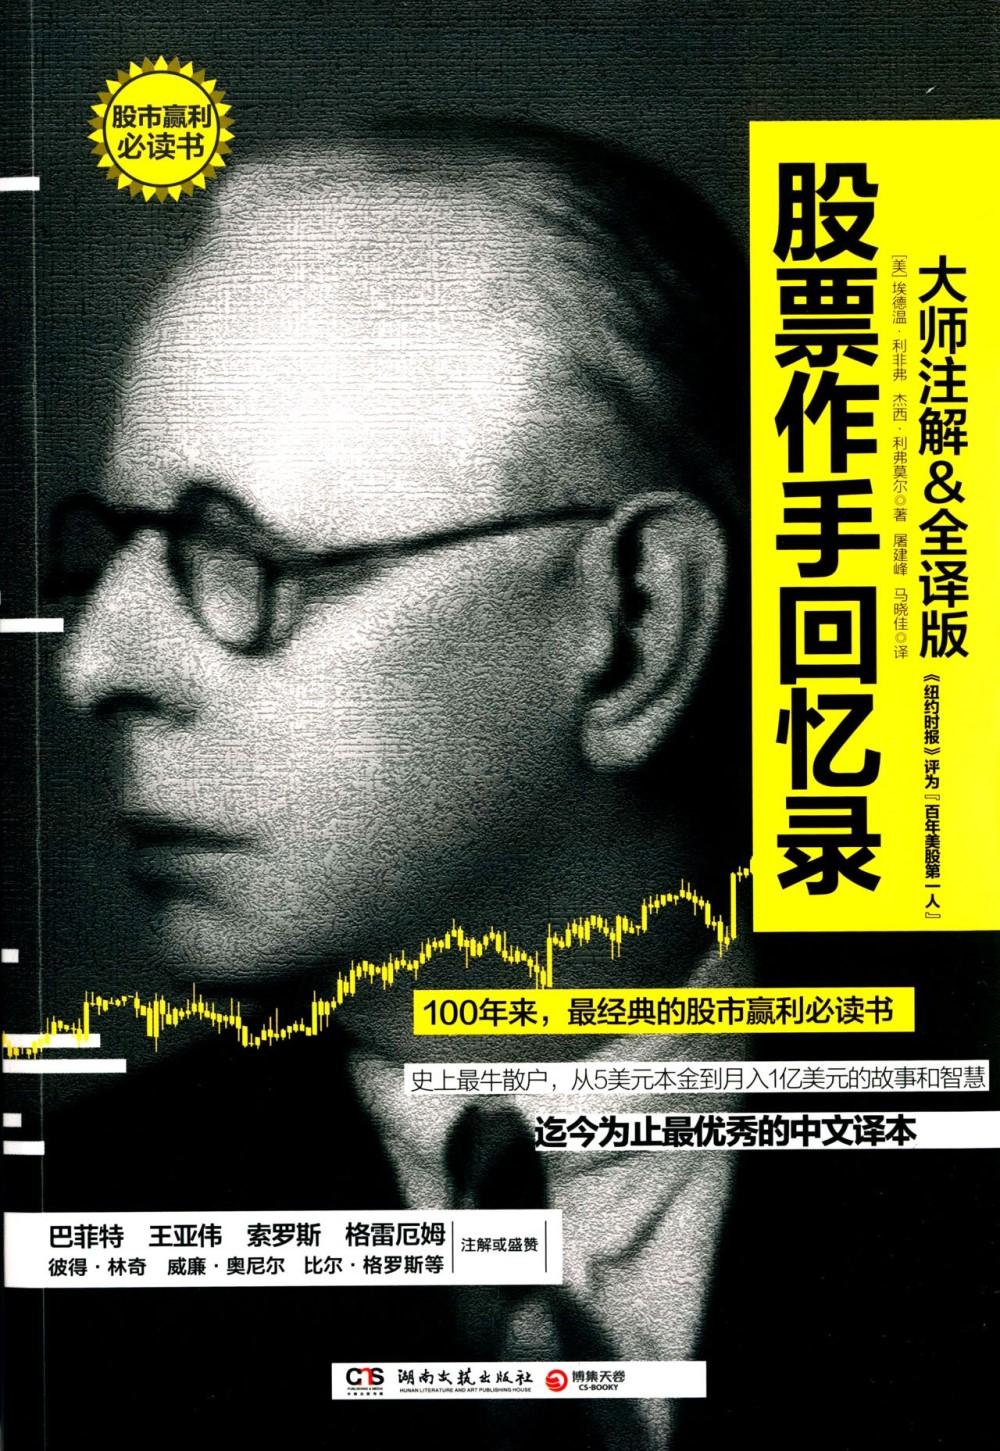 股票作手回憶錄(大師注解全譯版)